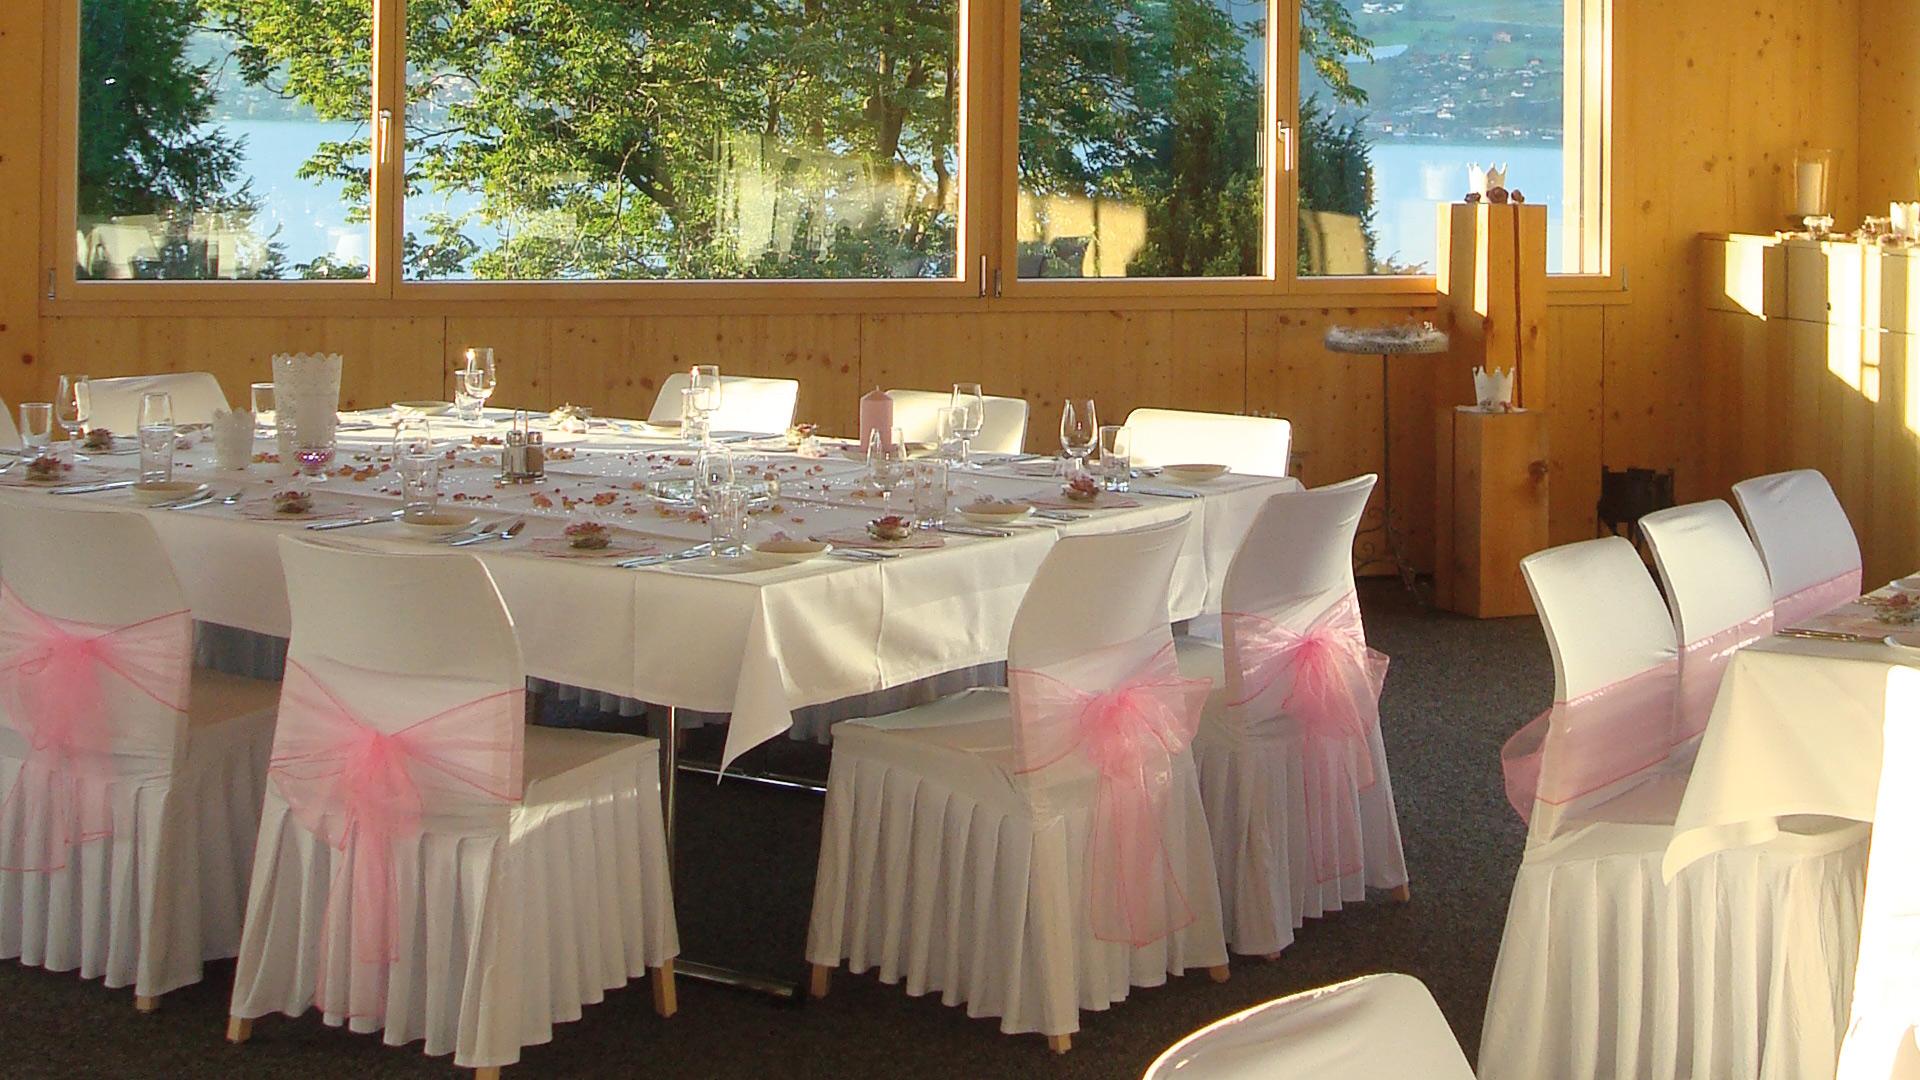 hotel-seaside-abz-restaurant-speisesaal-2